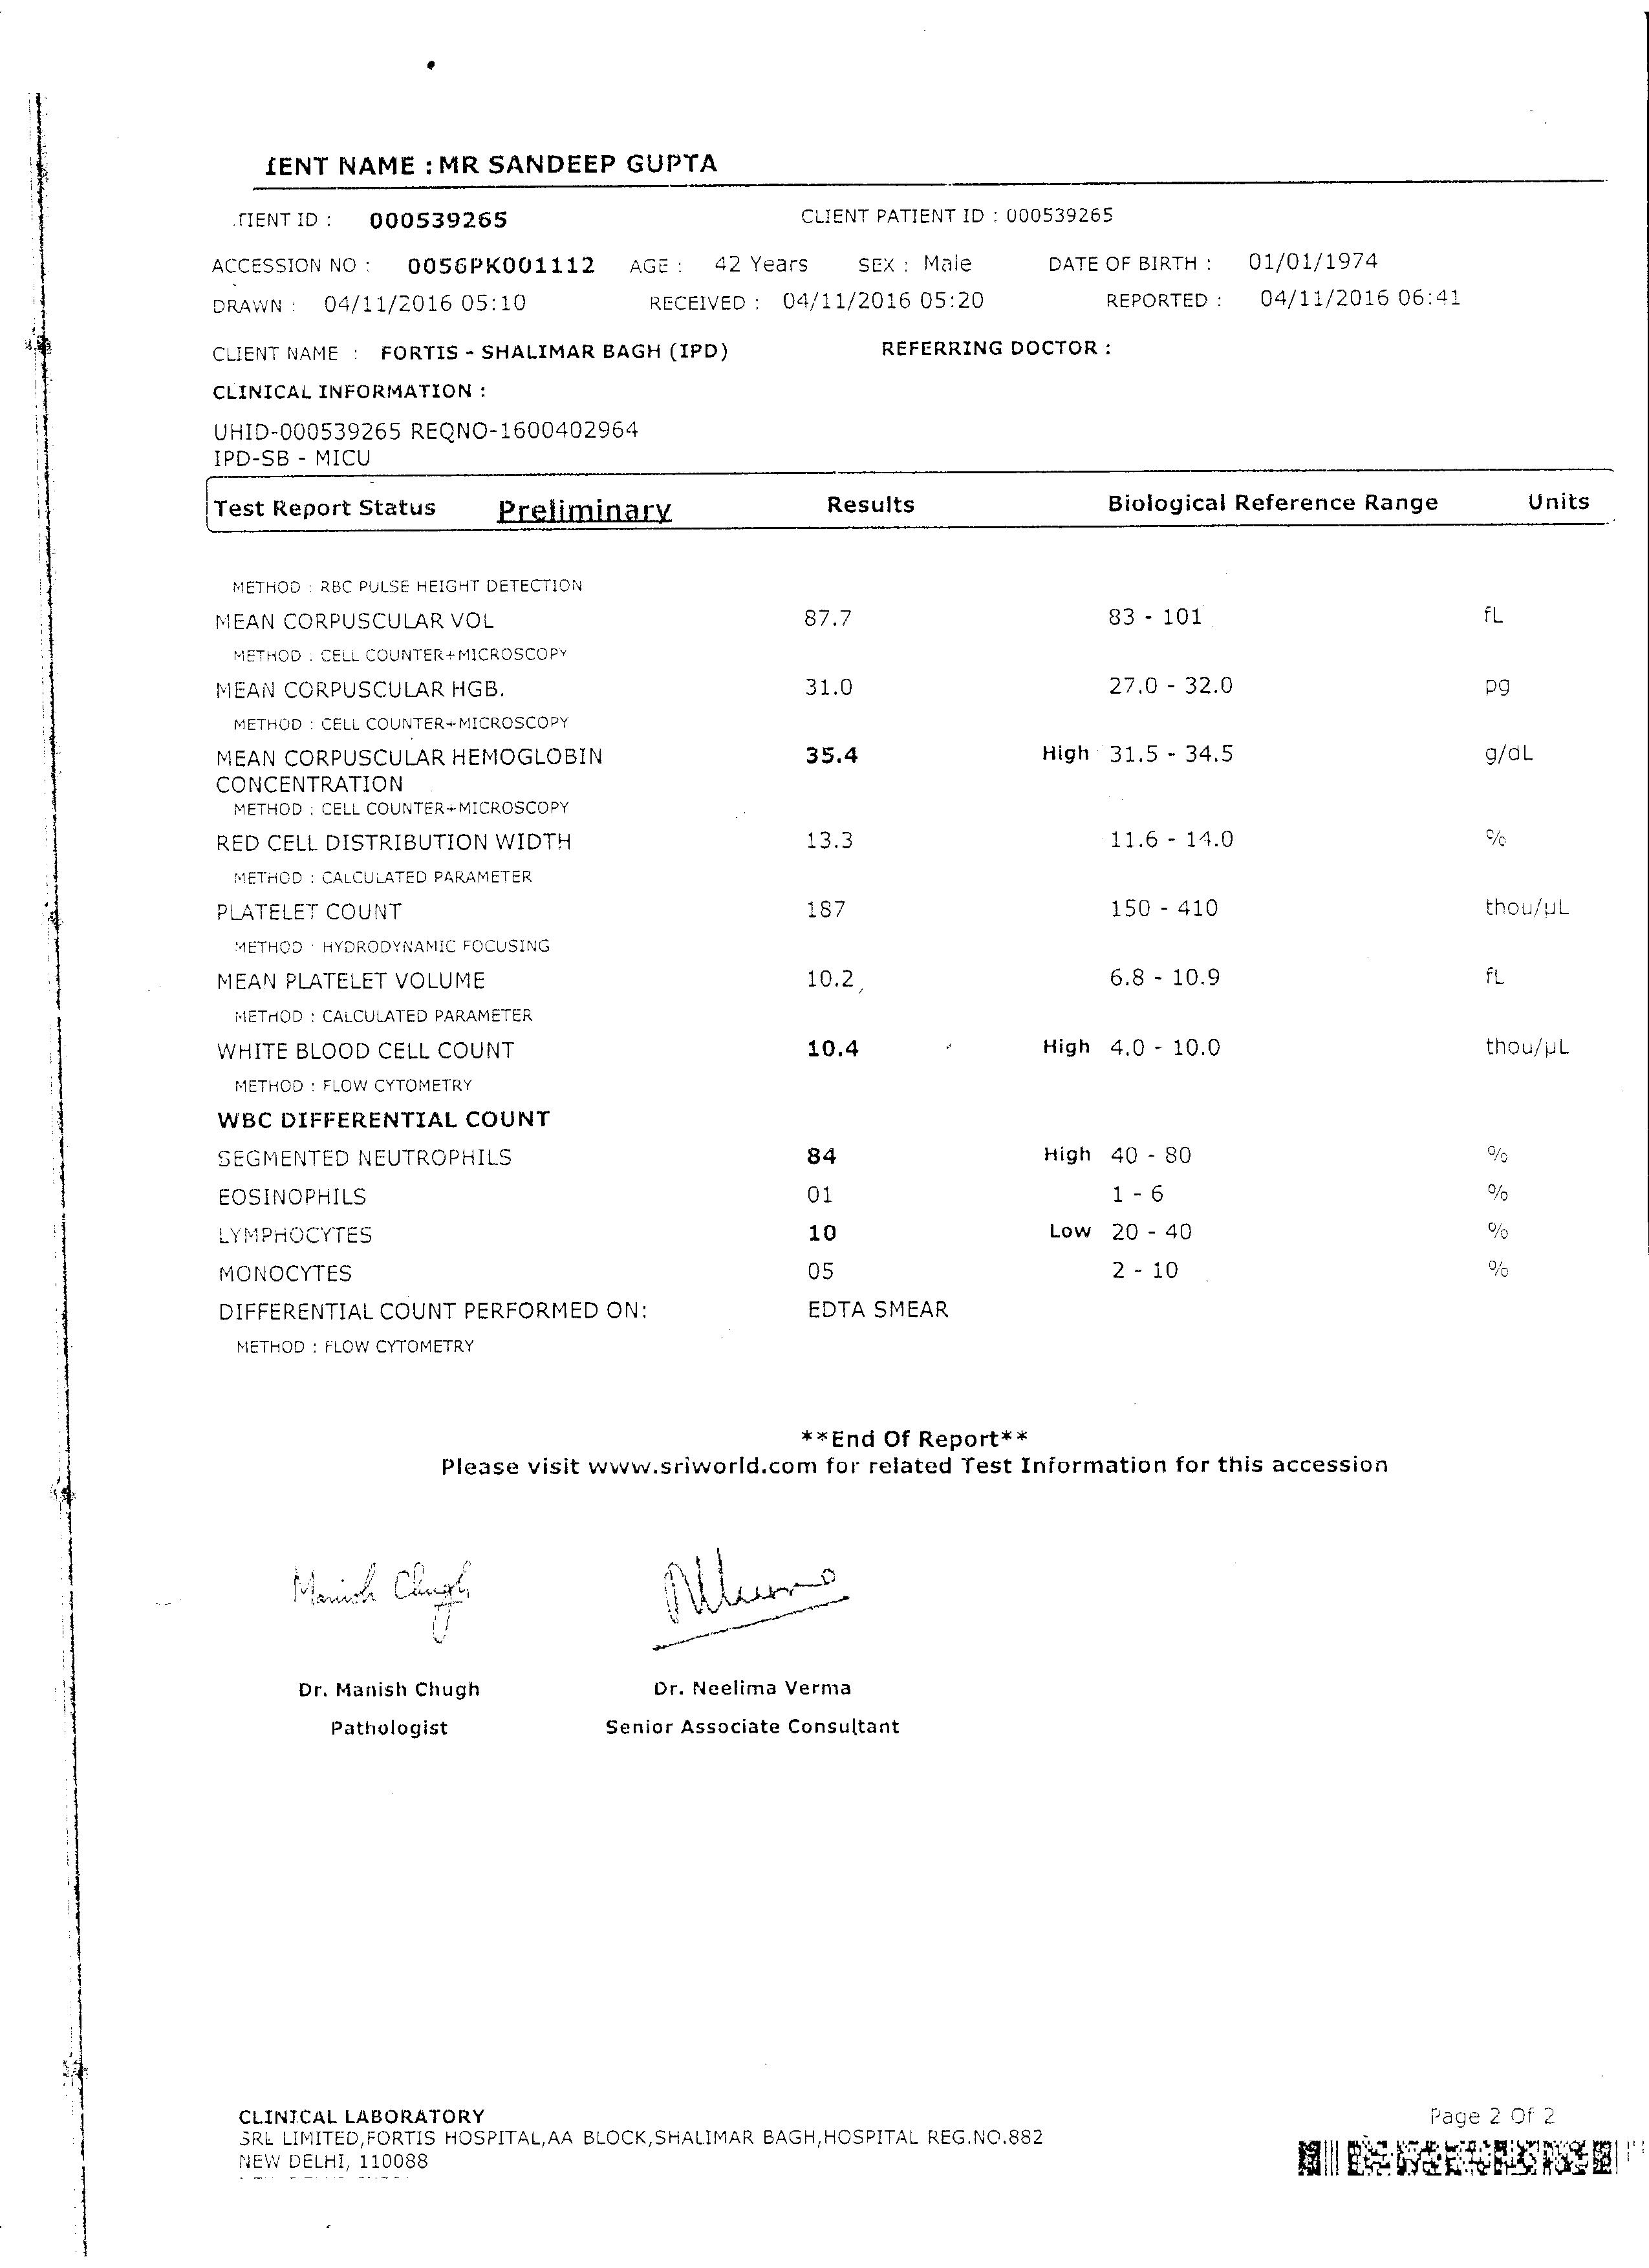 SANDEEP-GUPTA-43yrs-Kidney-Failure-Treatment-4